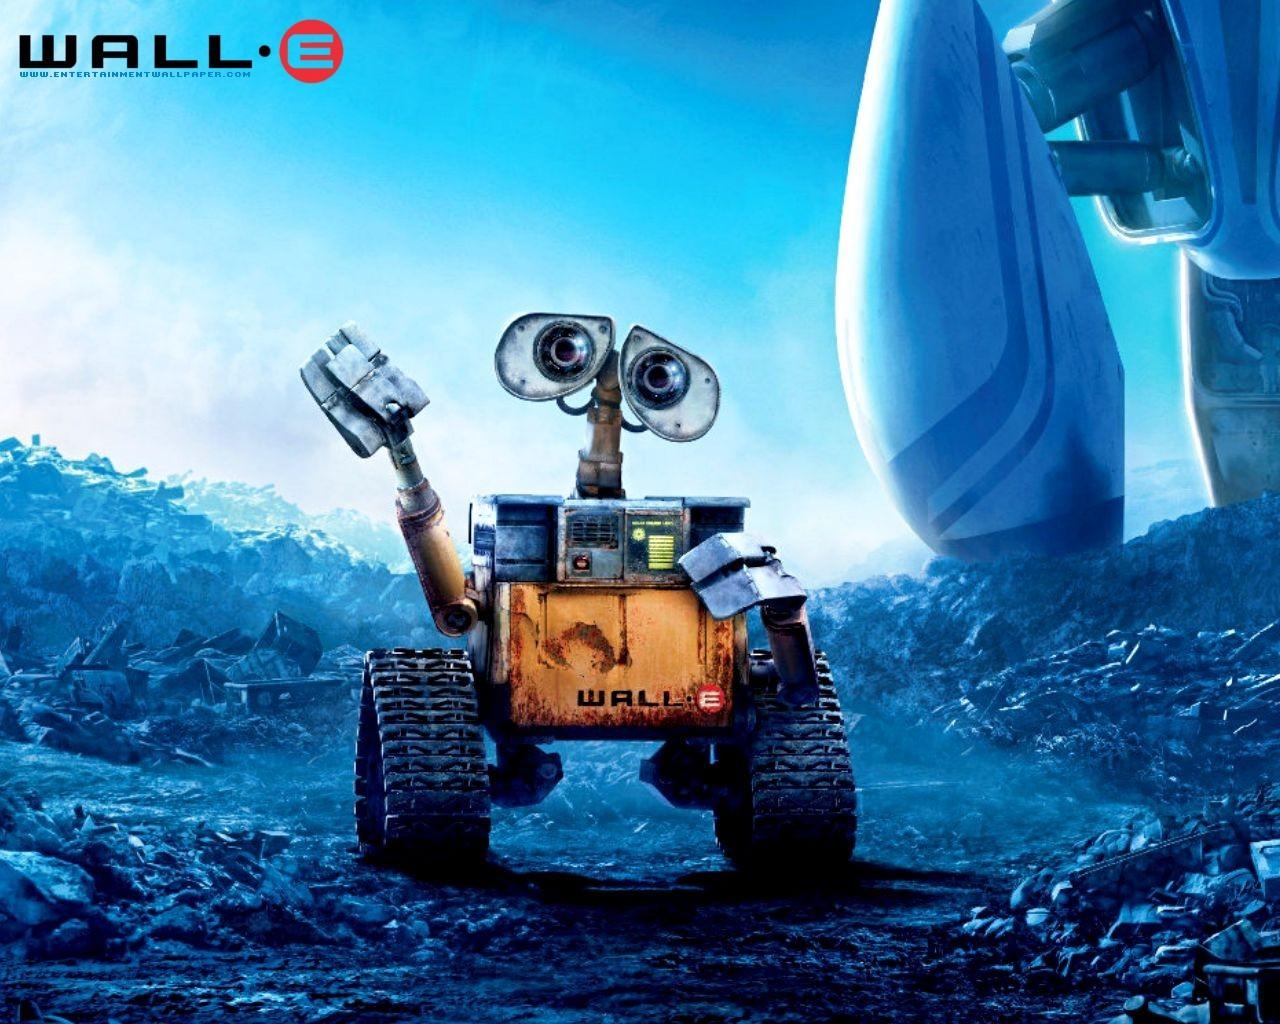 超可爱机器人!wall-e壁纸全欣赏